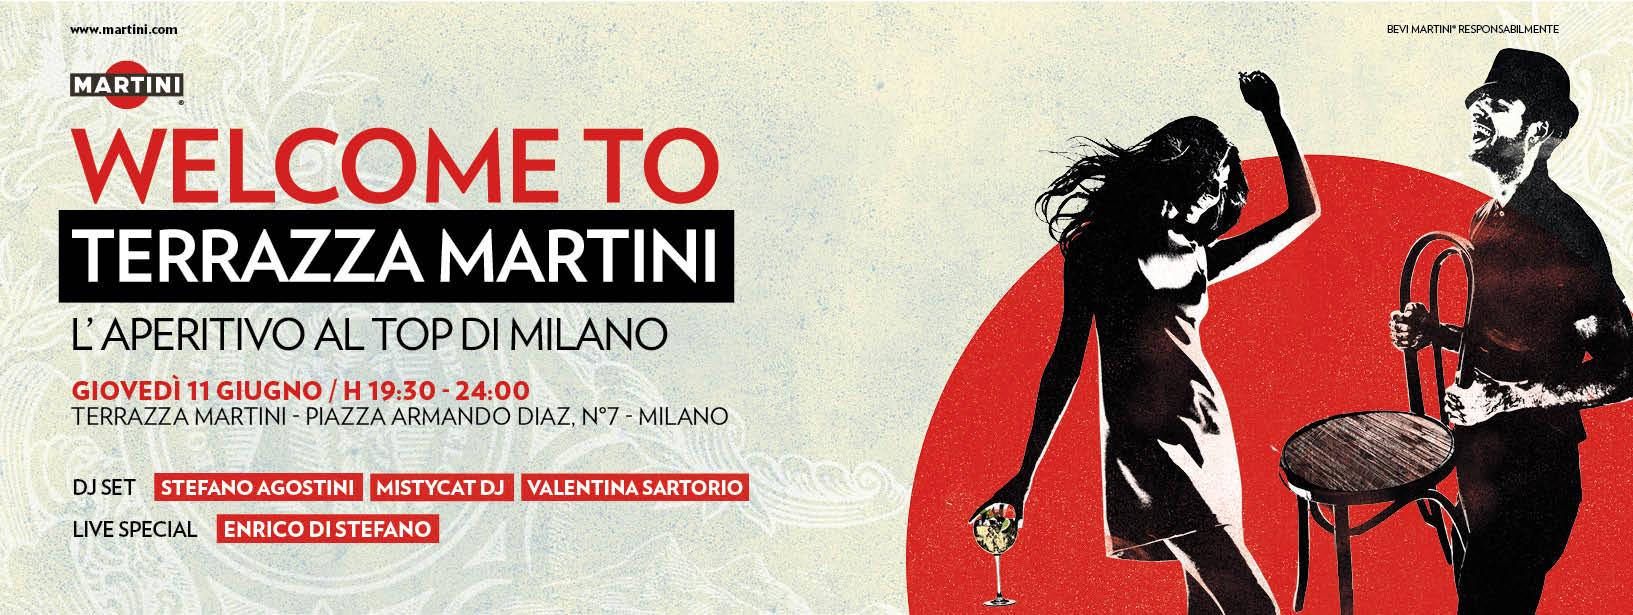 Martini evento FB 11 Gugno